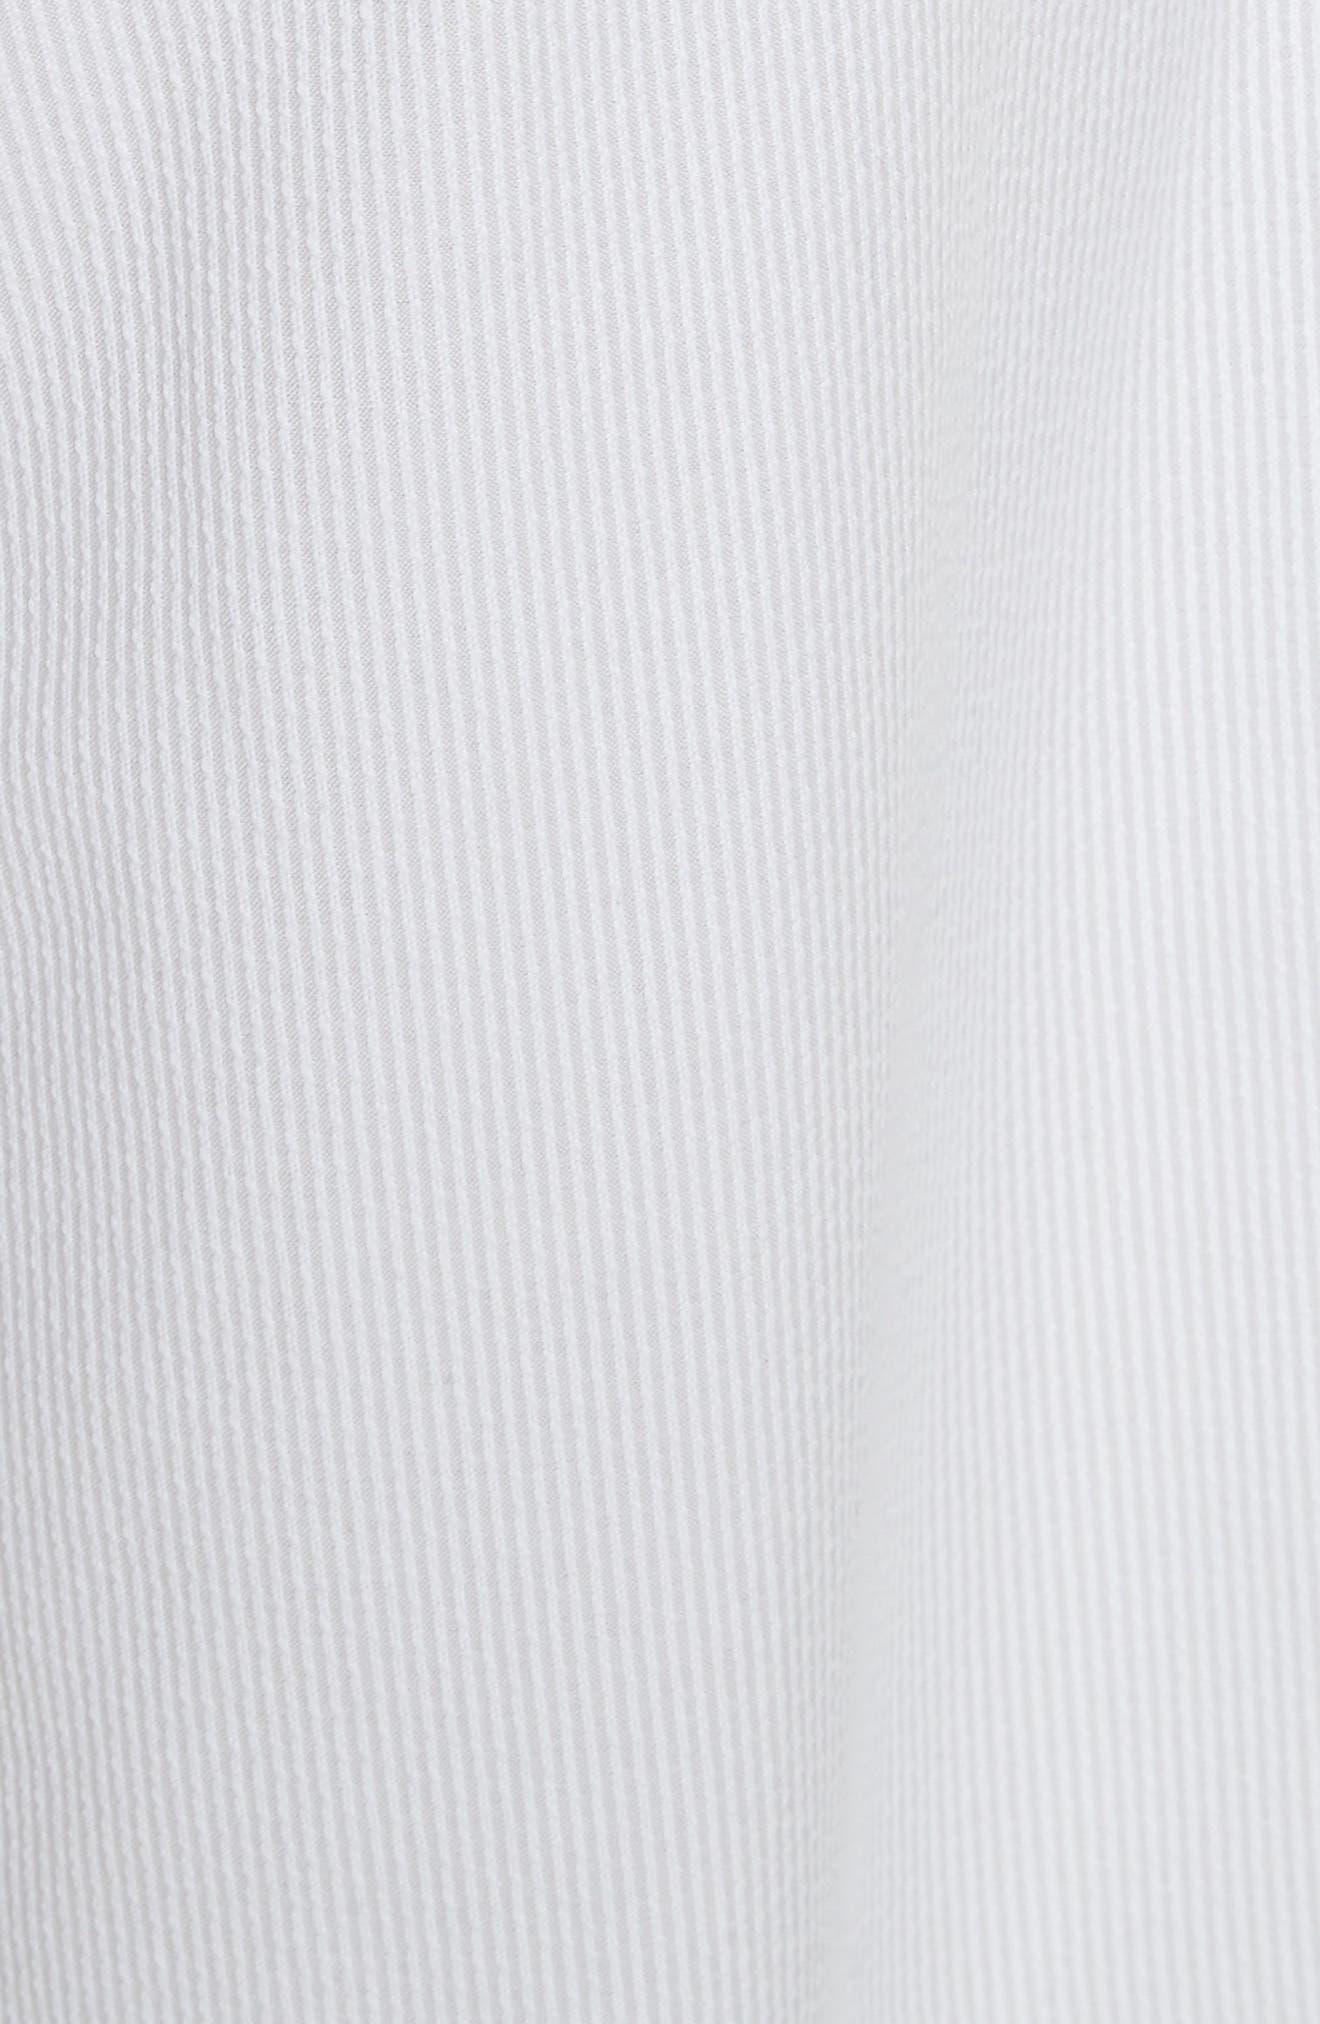 Natalie Crop Tie Waist Pants,                             Alternate thumbnail 5, color,                             020